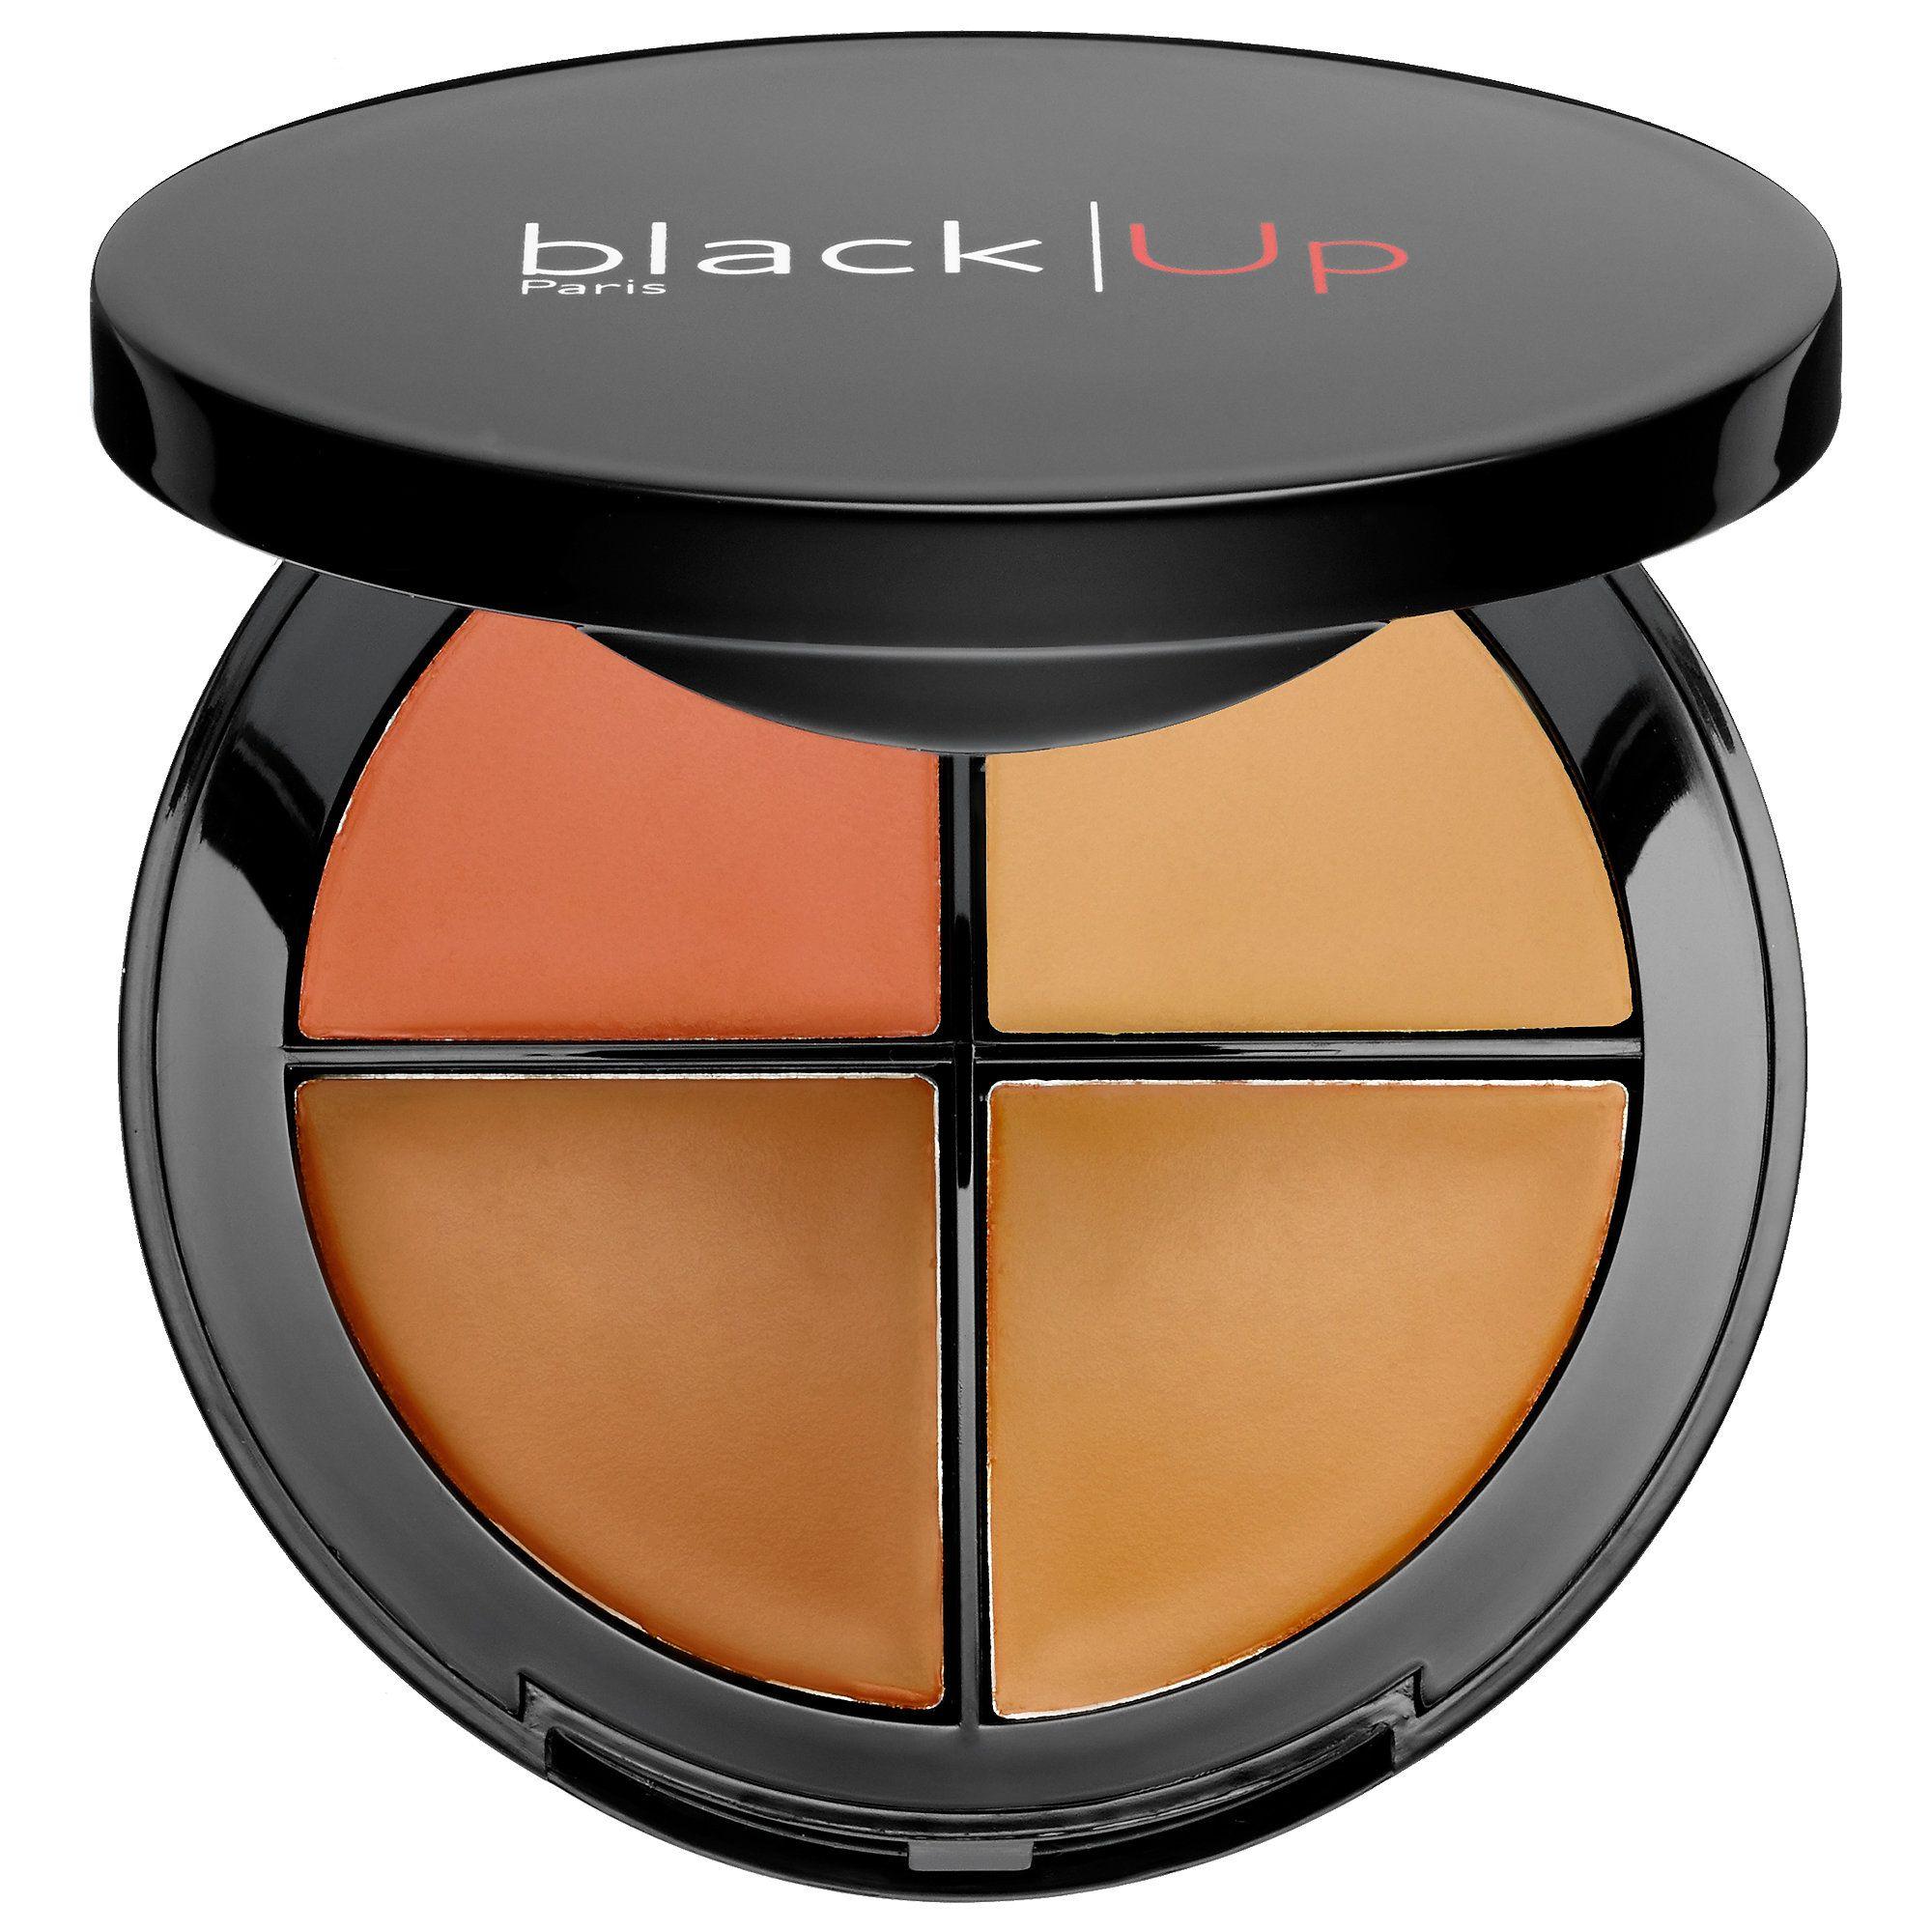 Shop black Up's Concealer Palette at Sephora. Each of